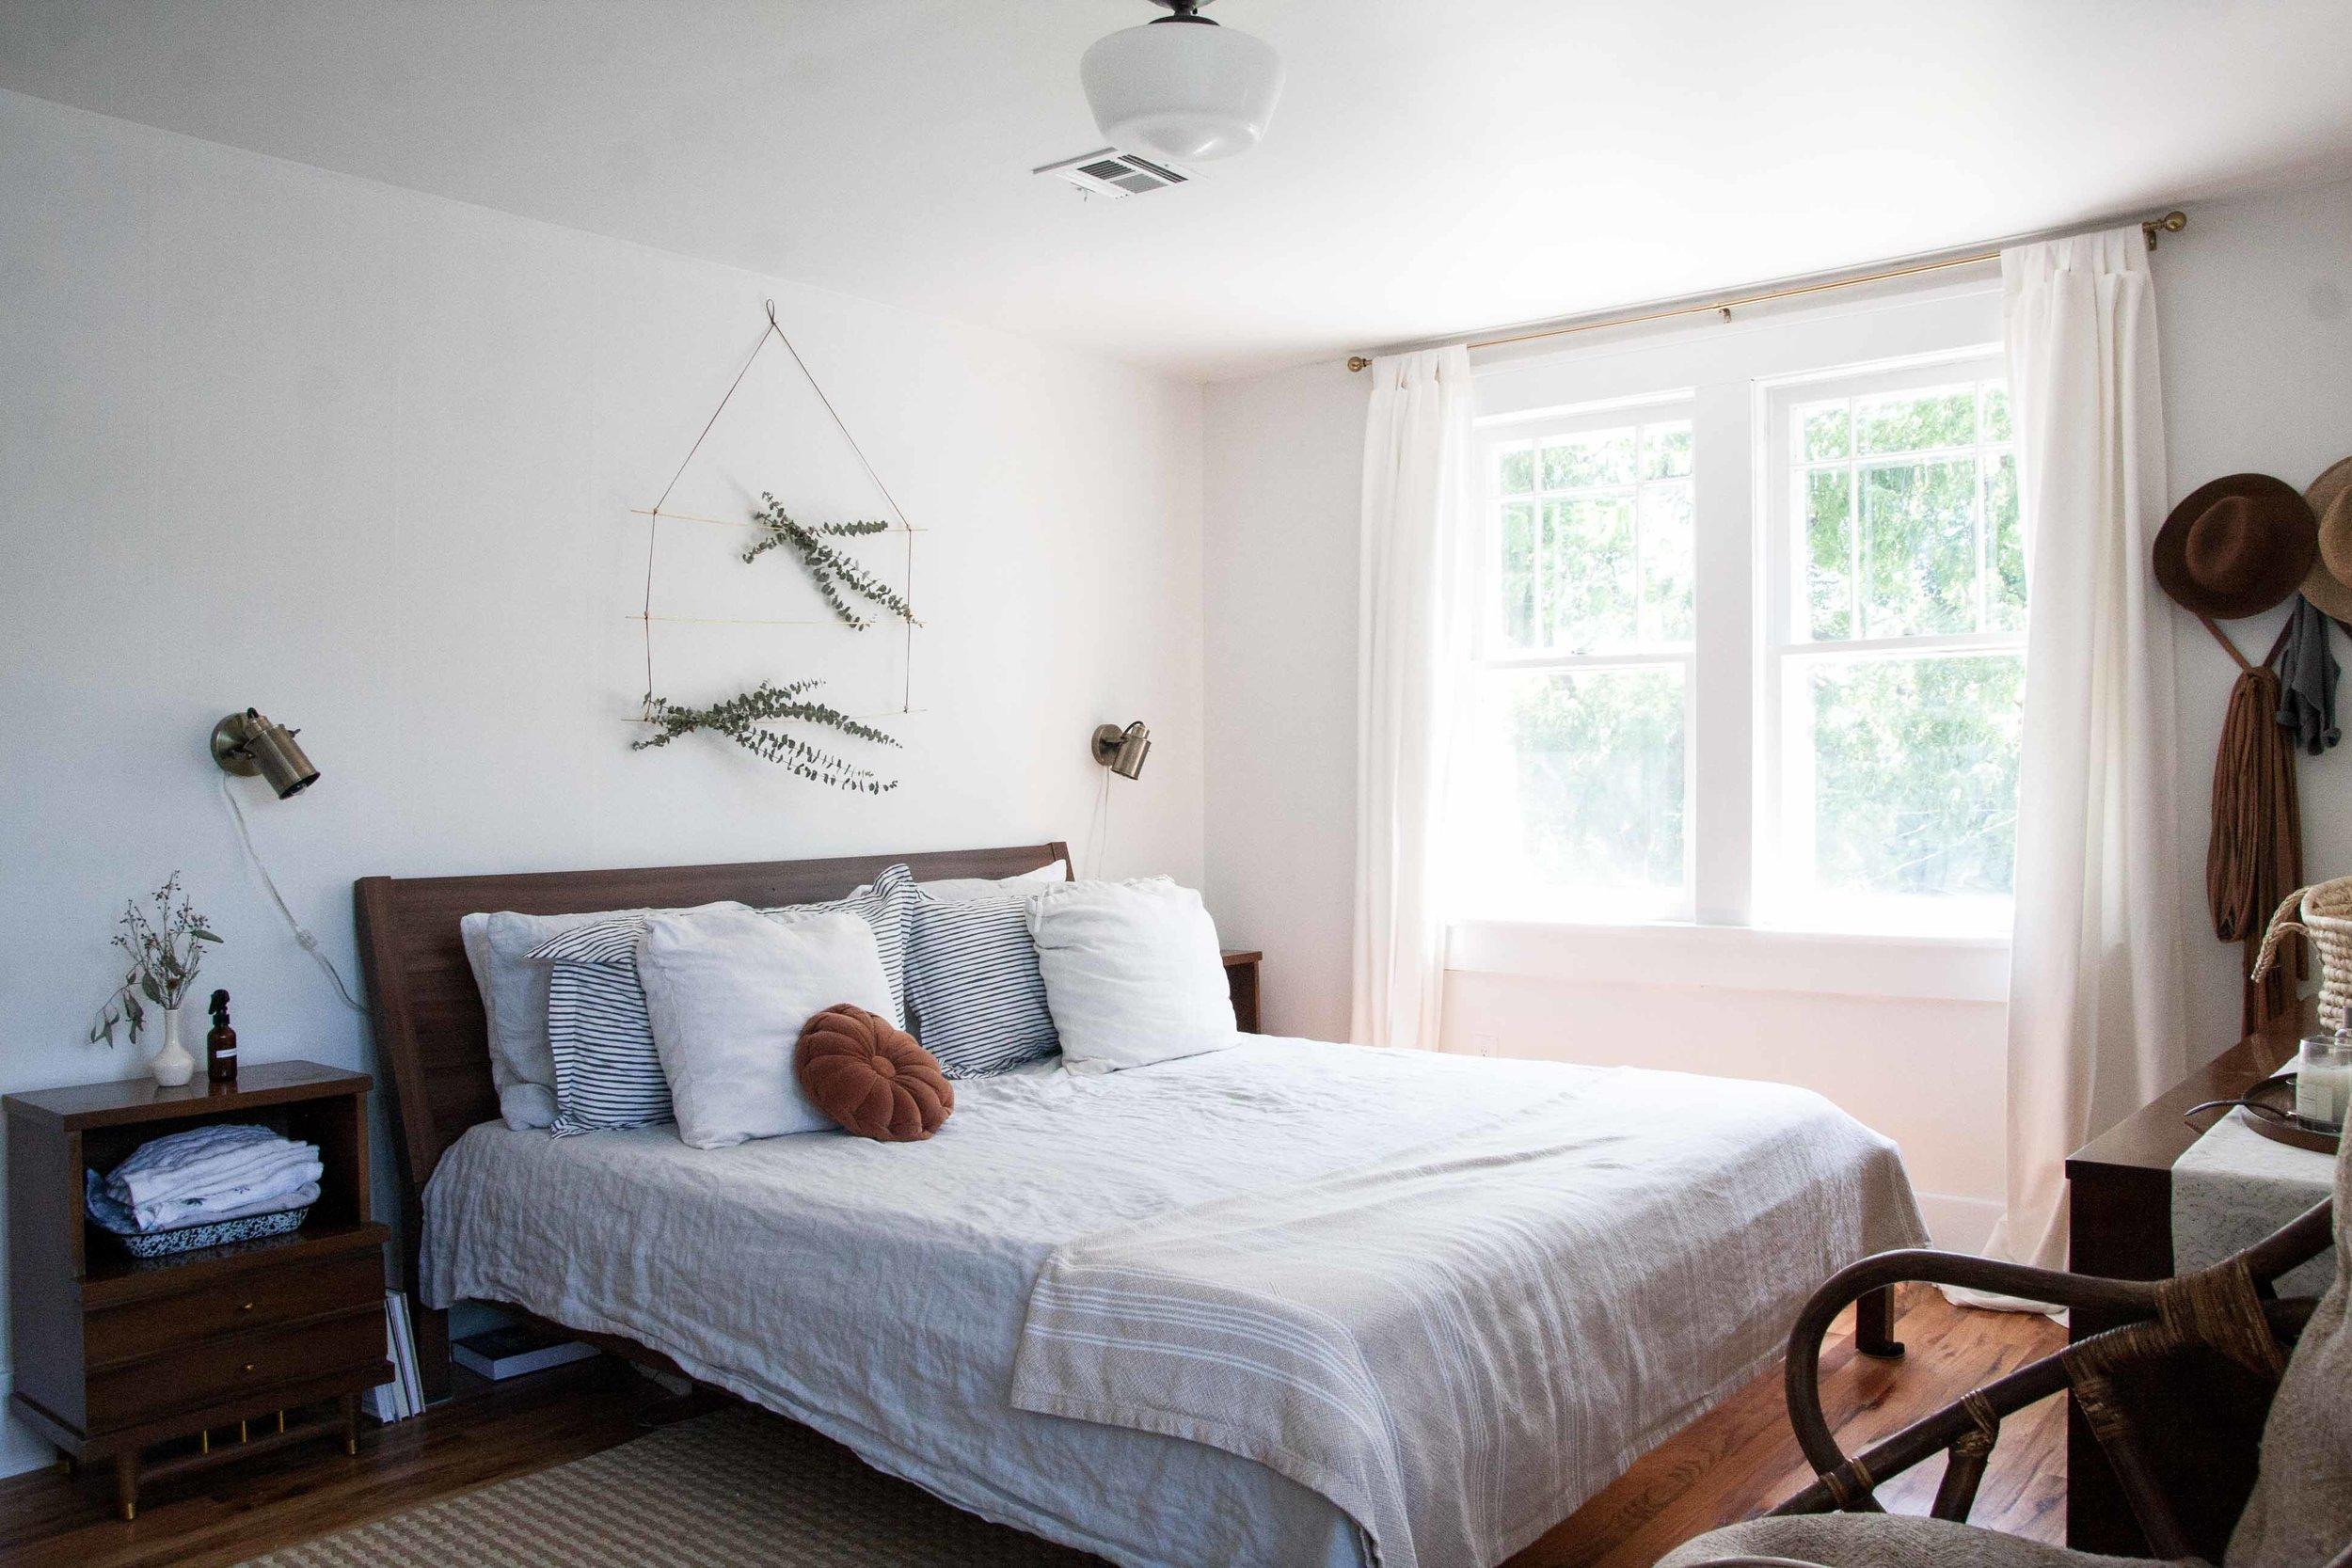 vintage-modern-bedroom-decor